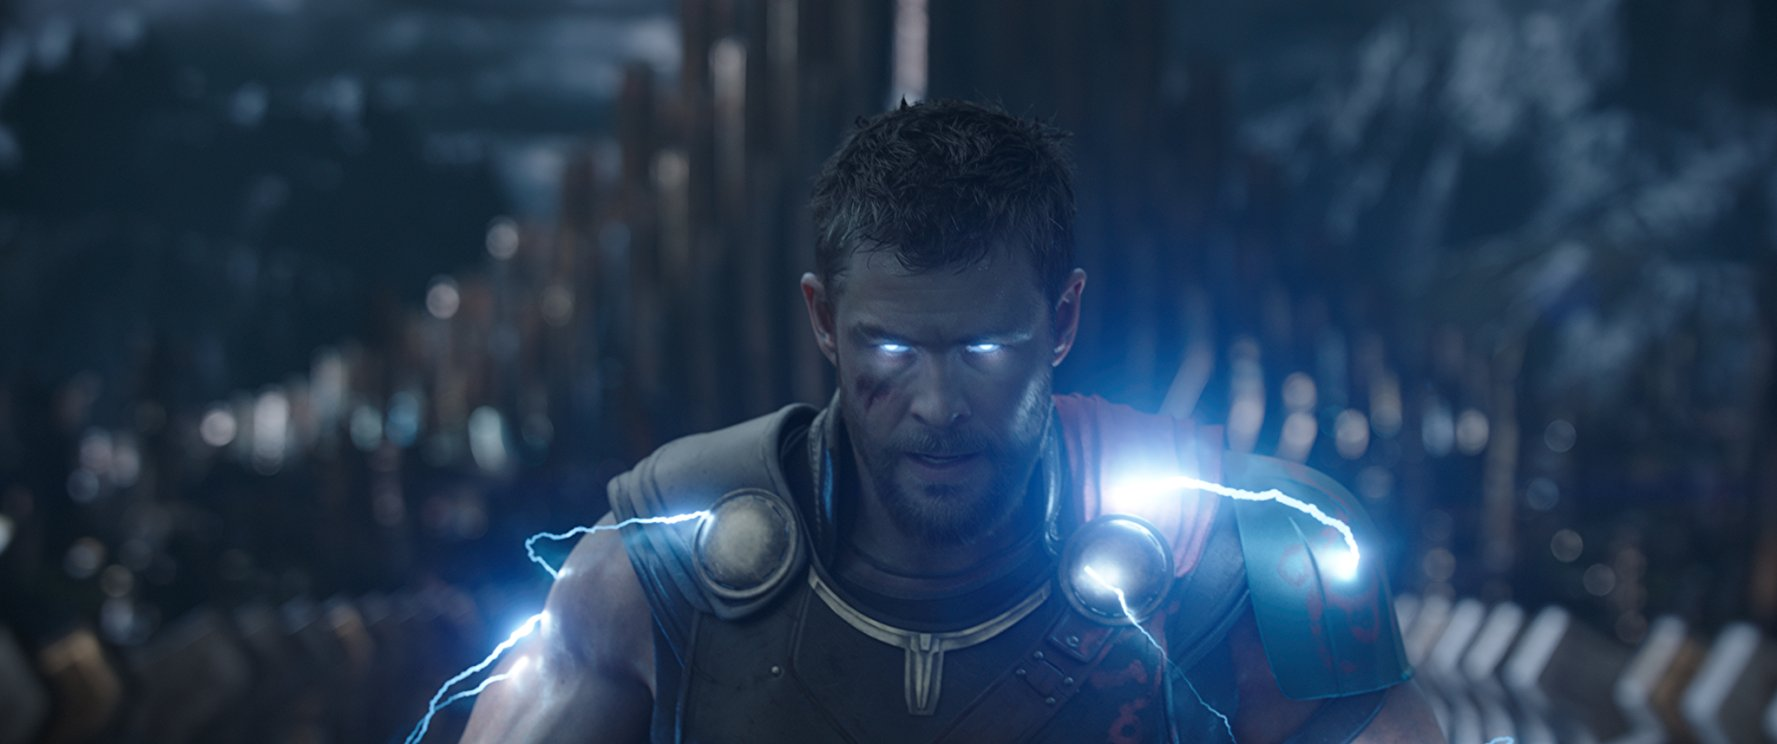 Thor God of Thunder in Thor: Ragnarok